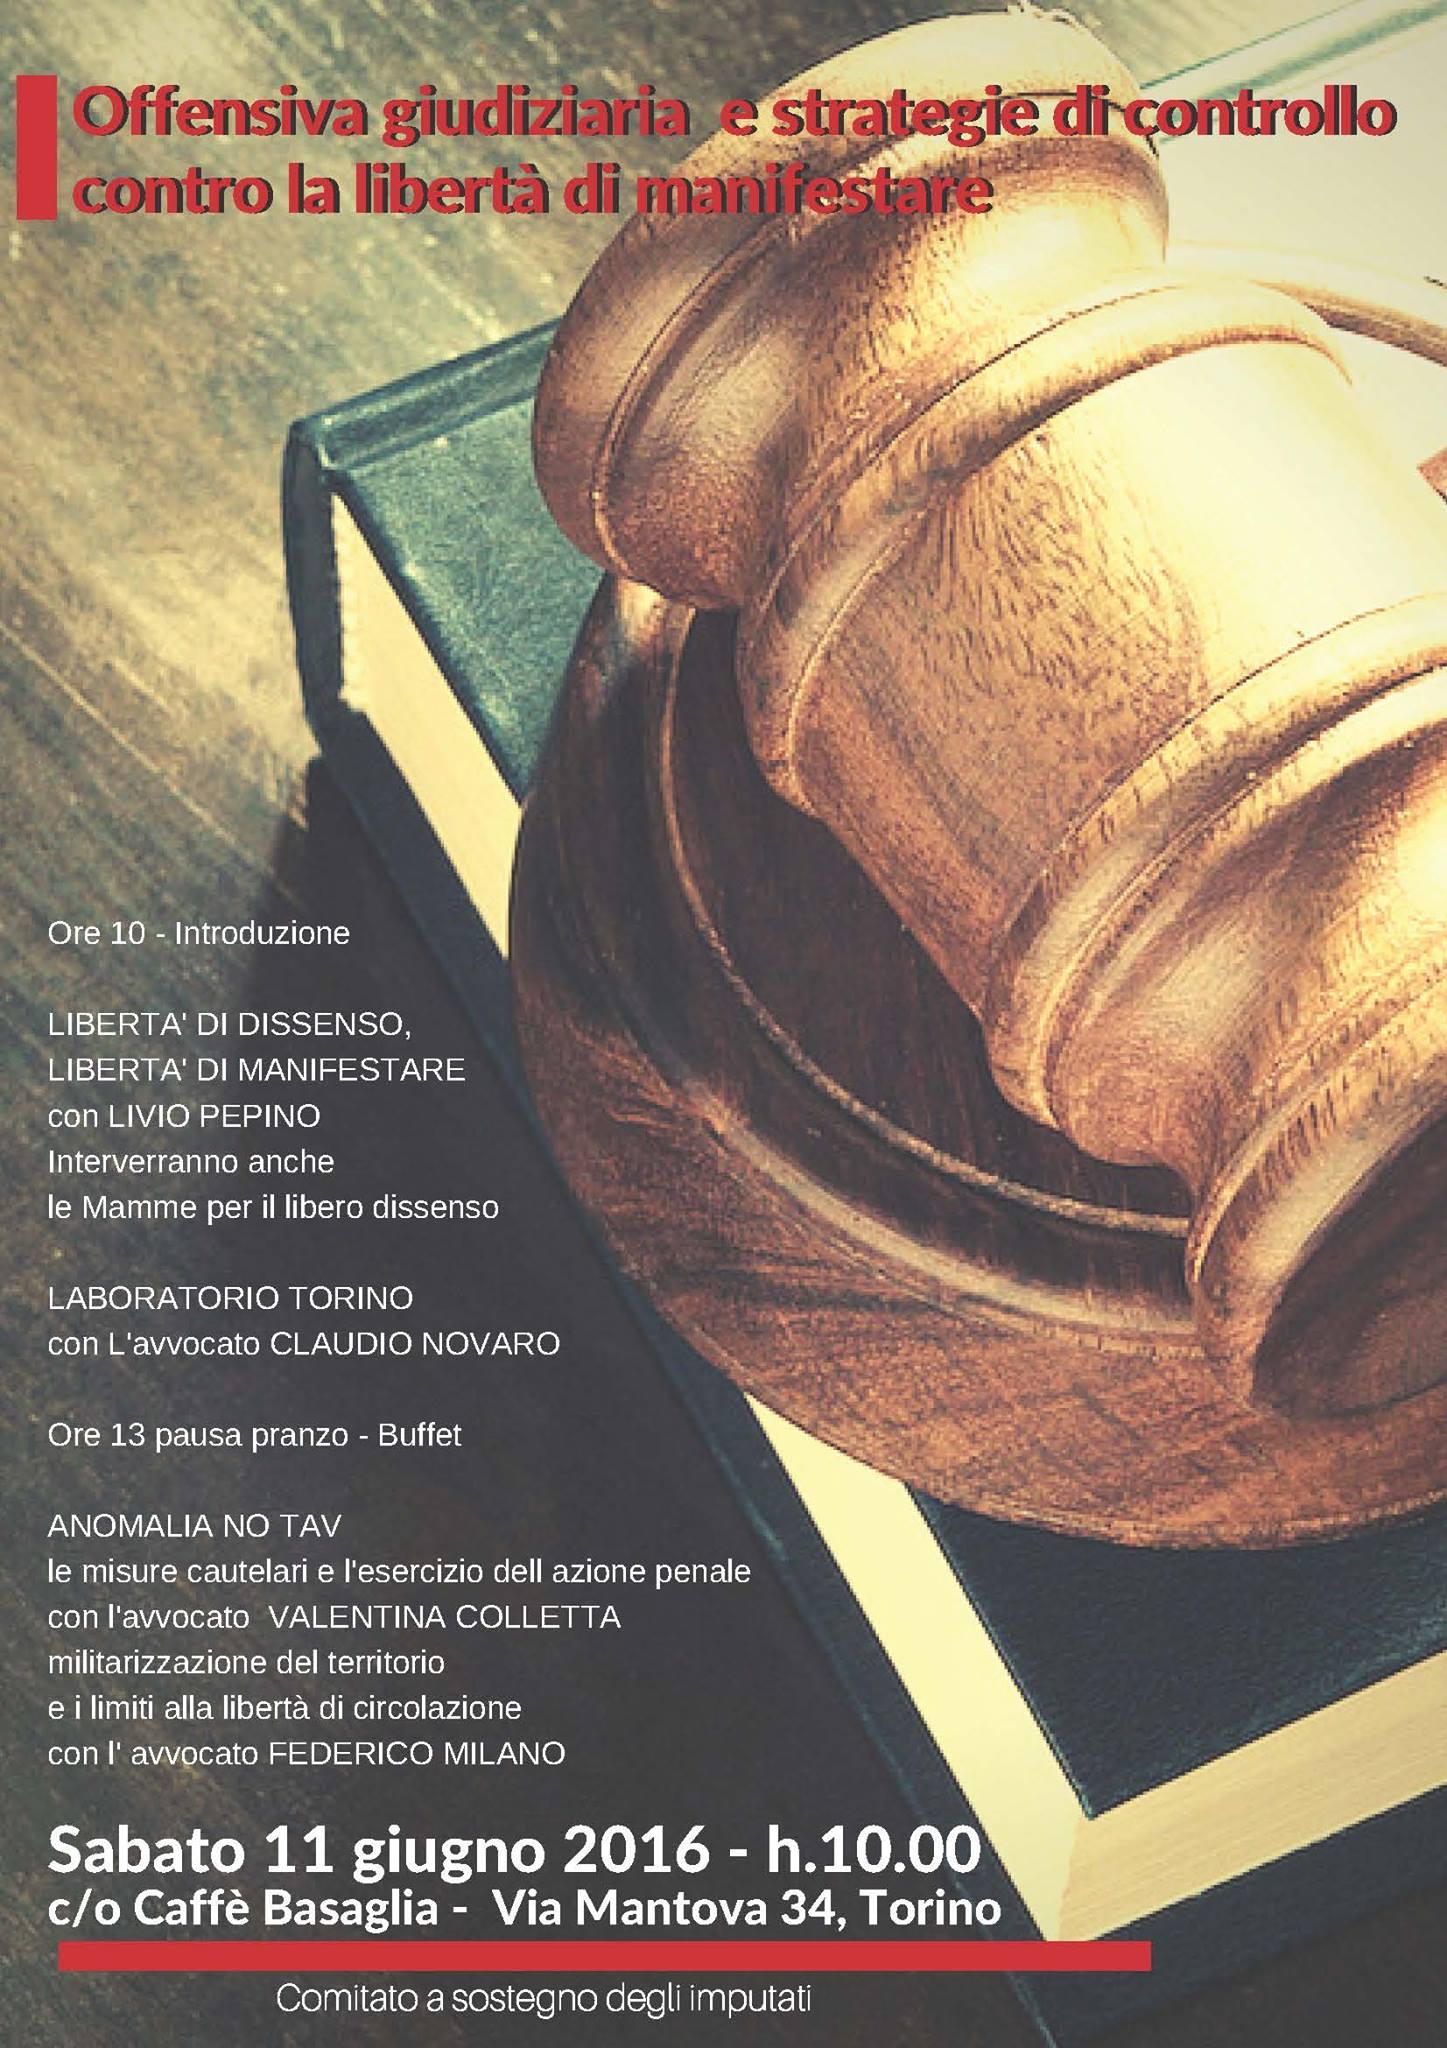 Offensiva giudiziaria e strategie di controllo contro la libertà di manifestare (PROGRAMMA)